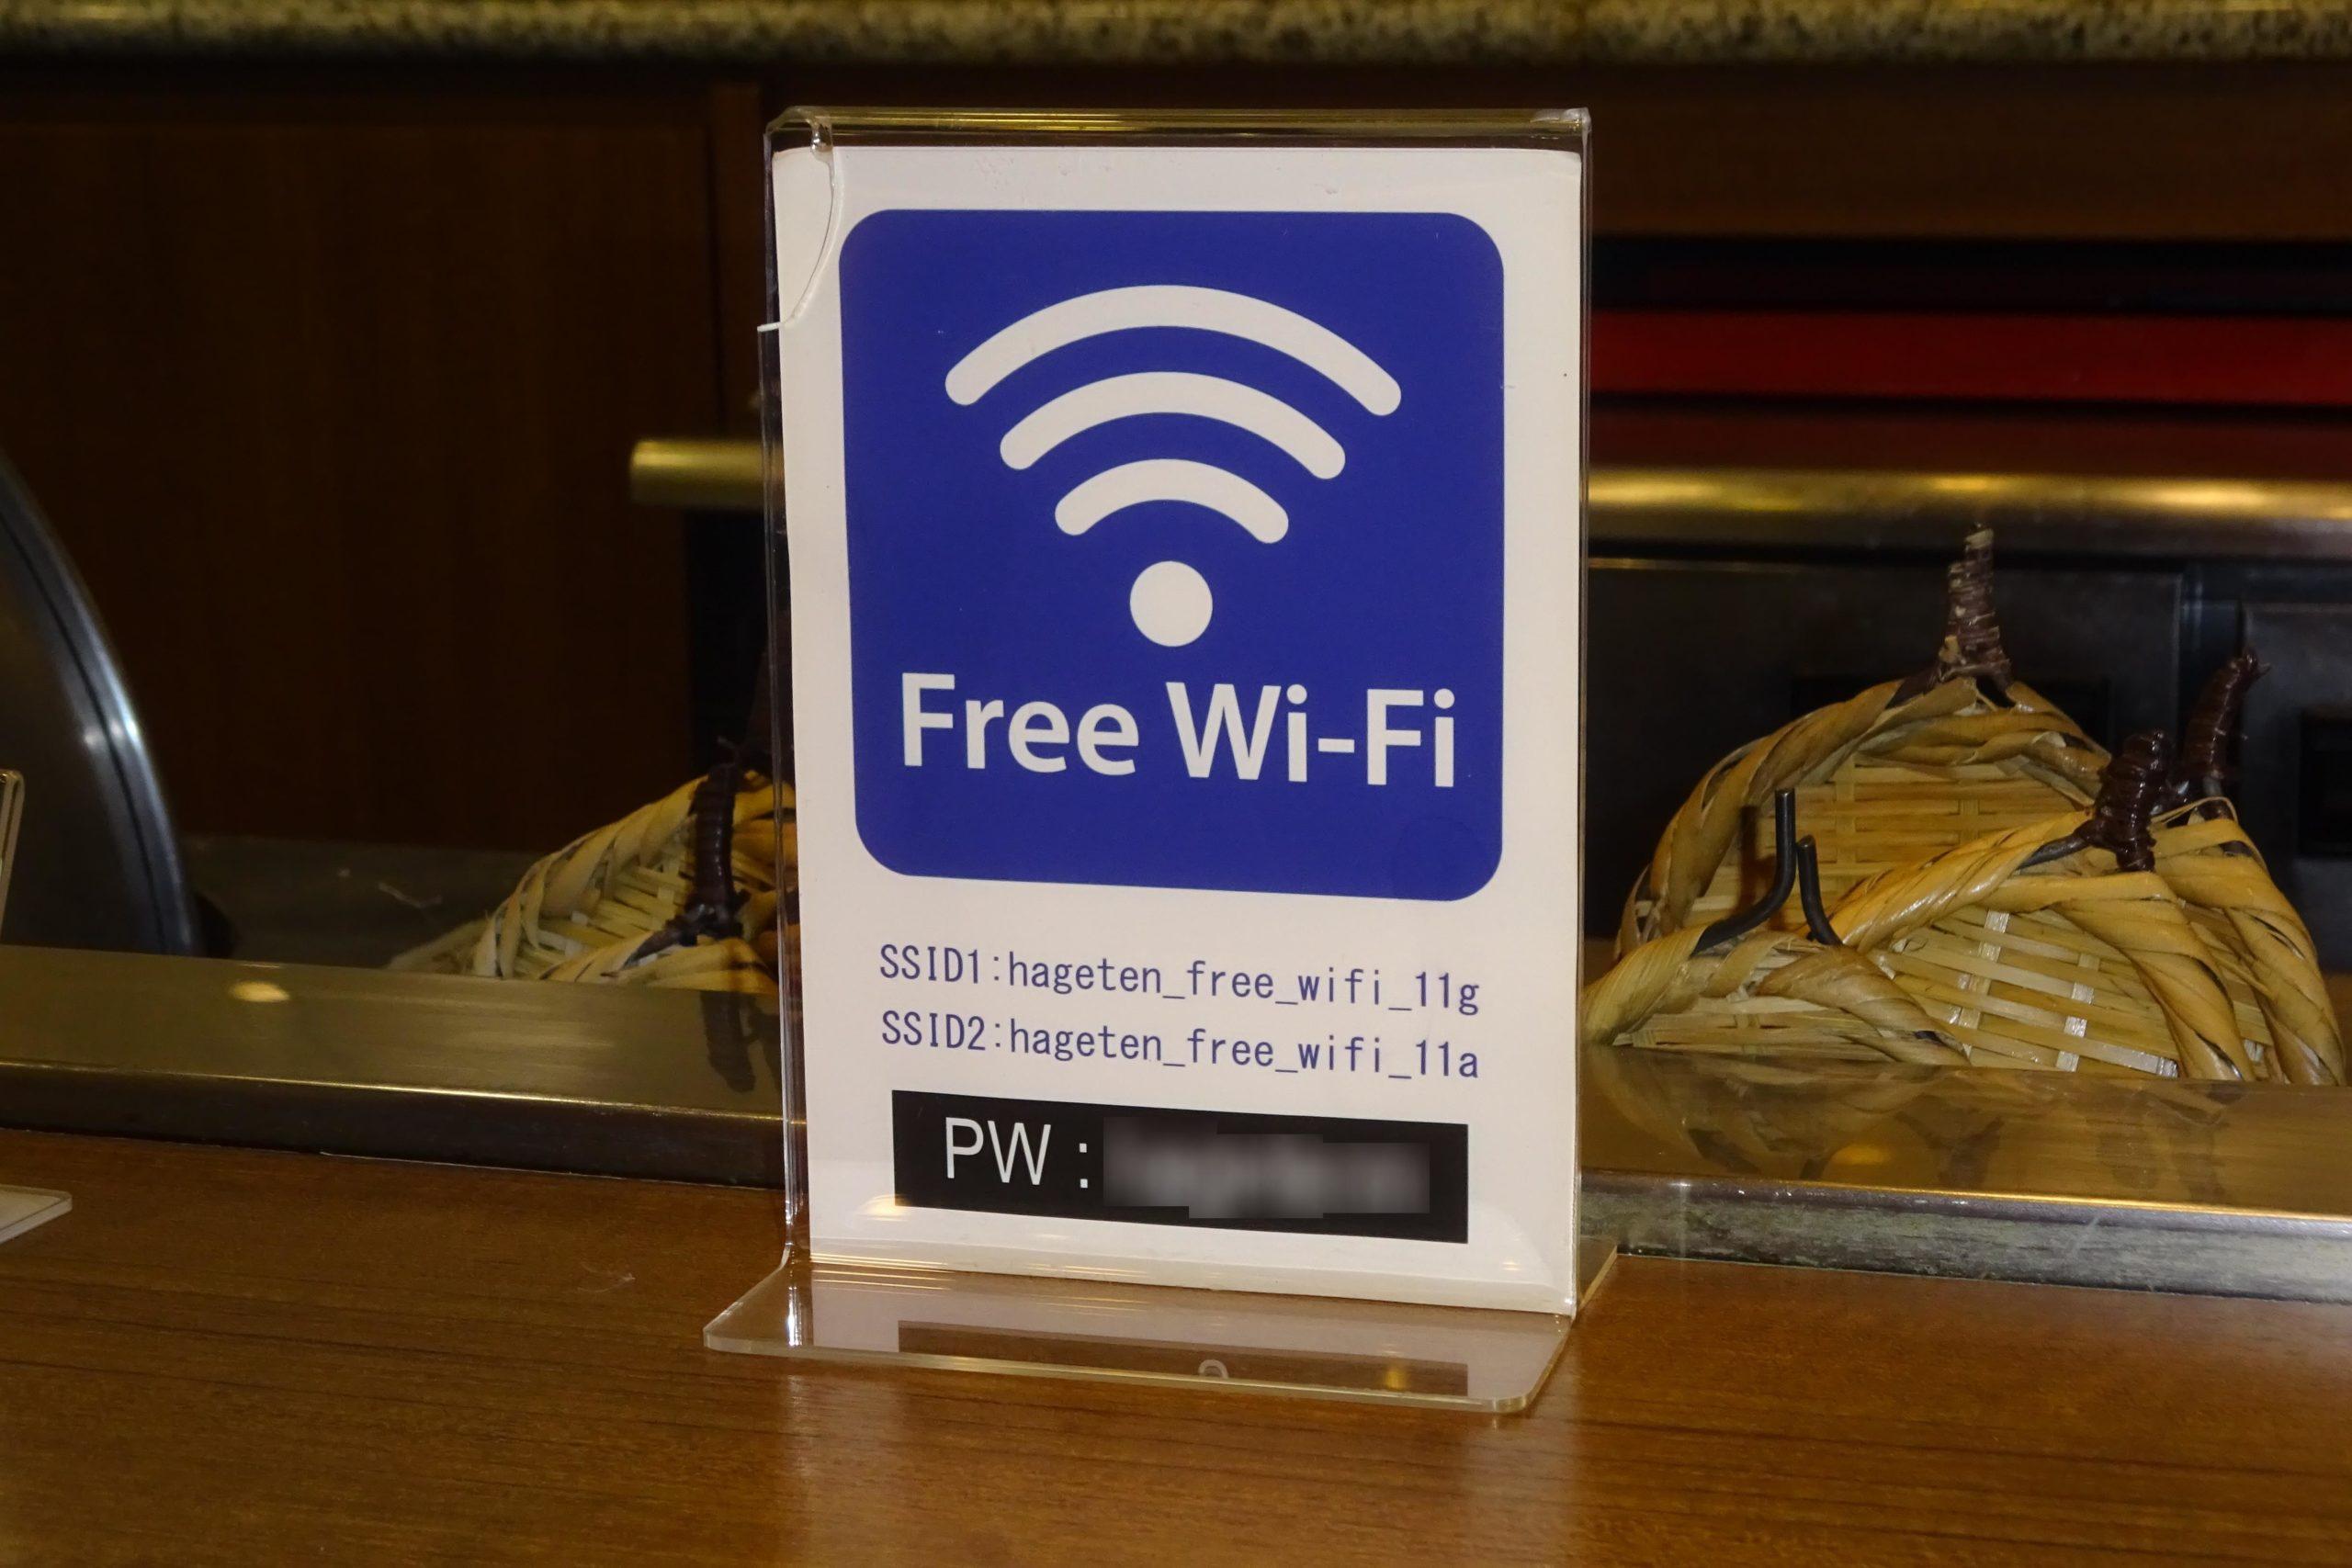 帯広はげ天Wi-Fi